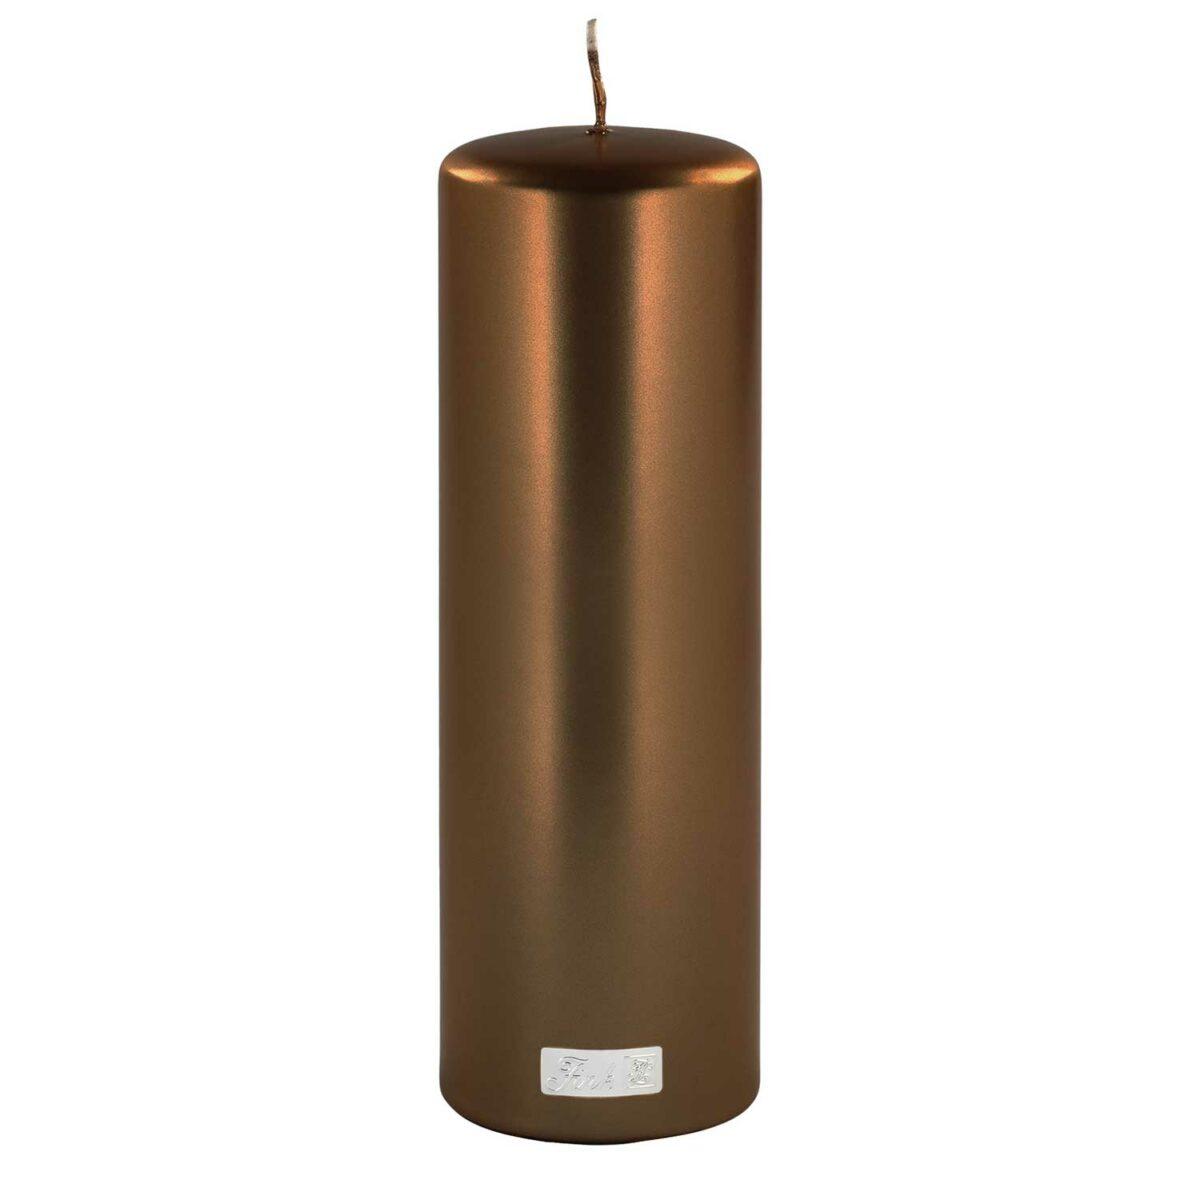 Altarkerzen metallic H 25 cm / D 8 cm (6 / 12 Stück)